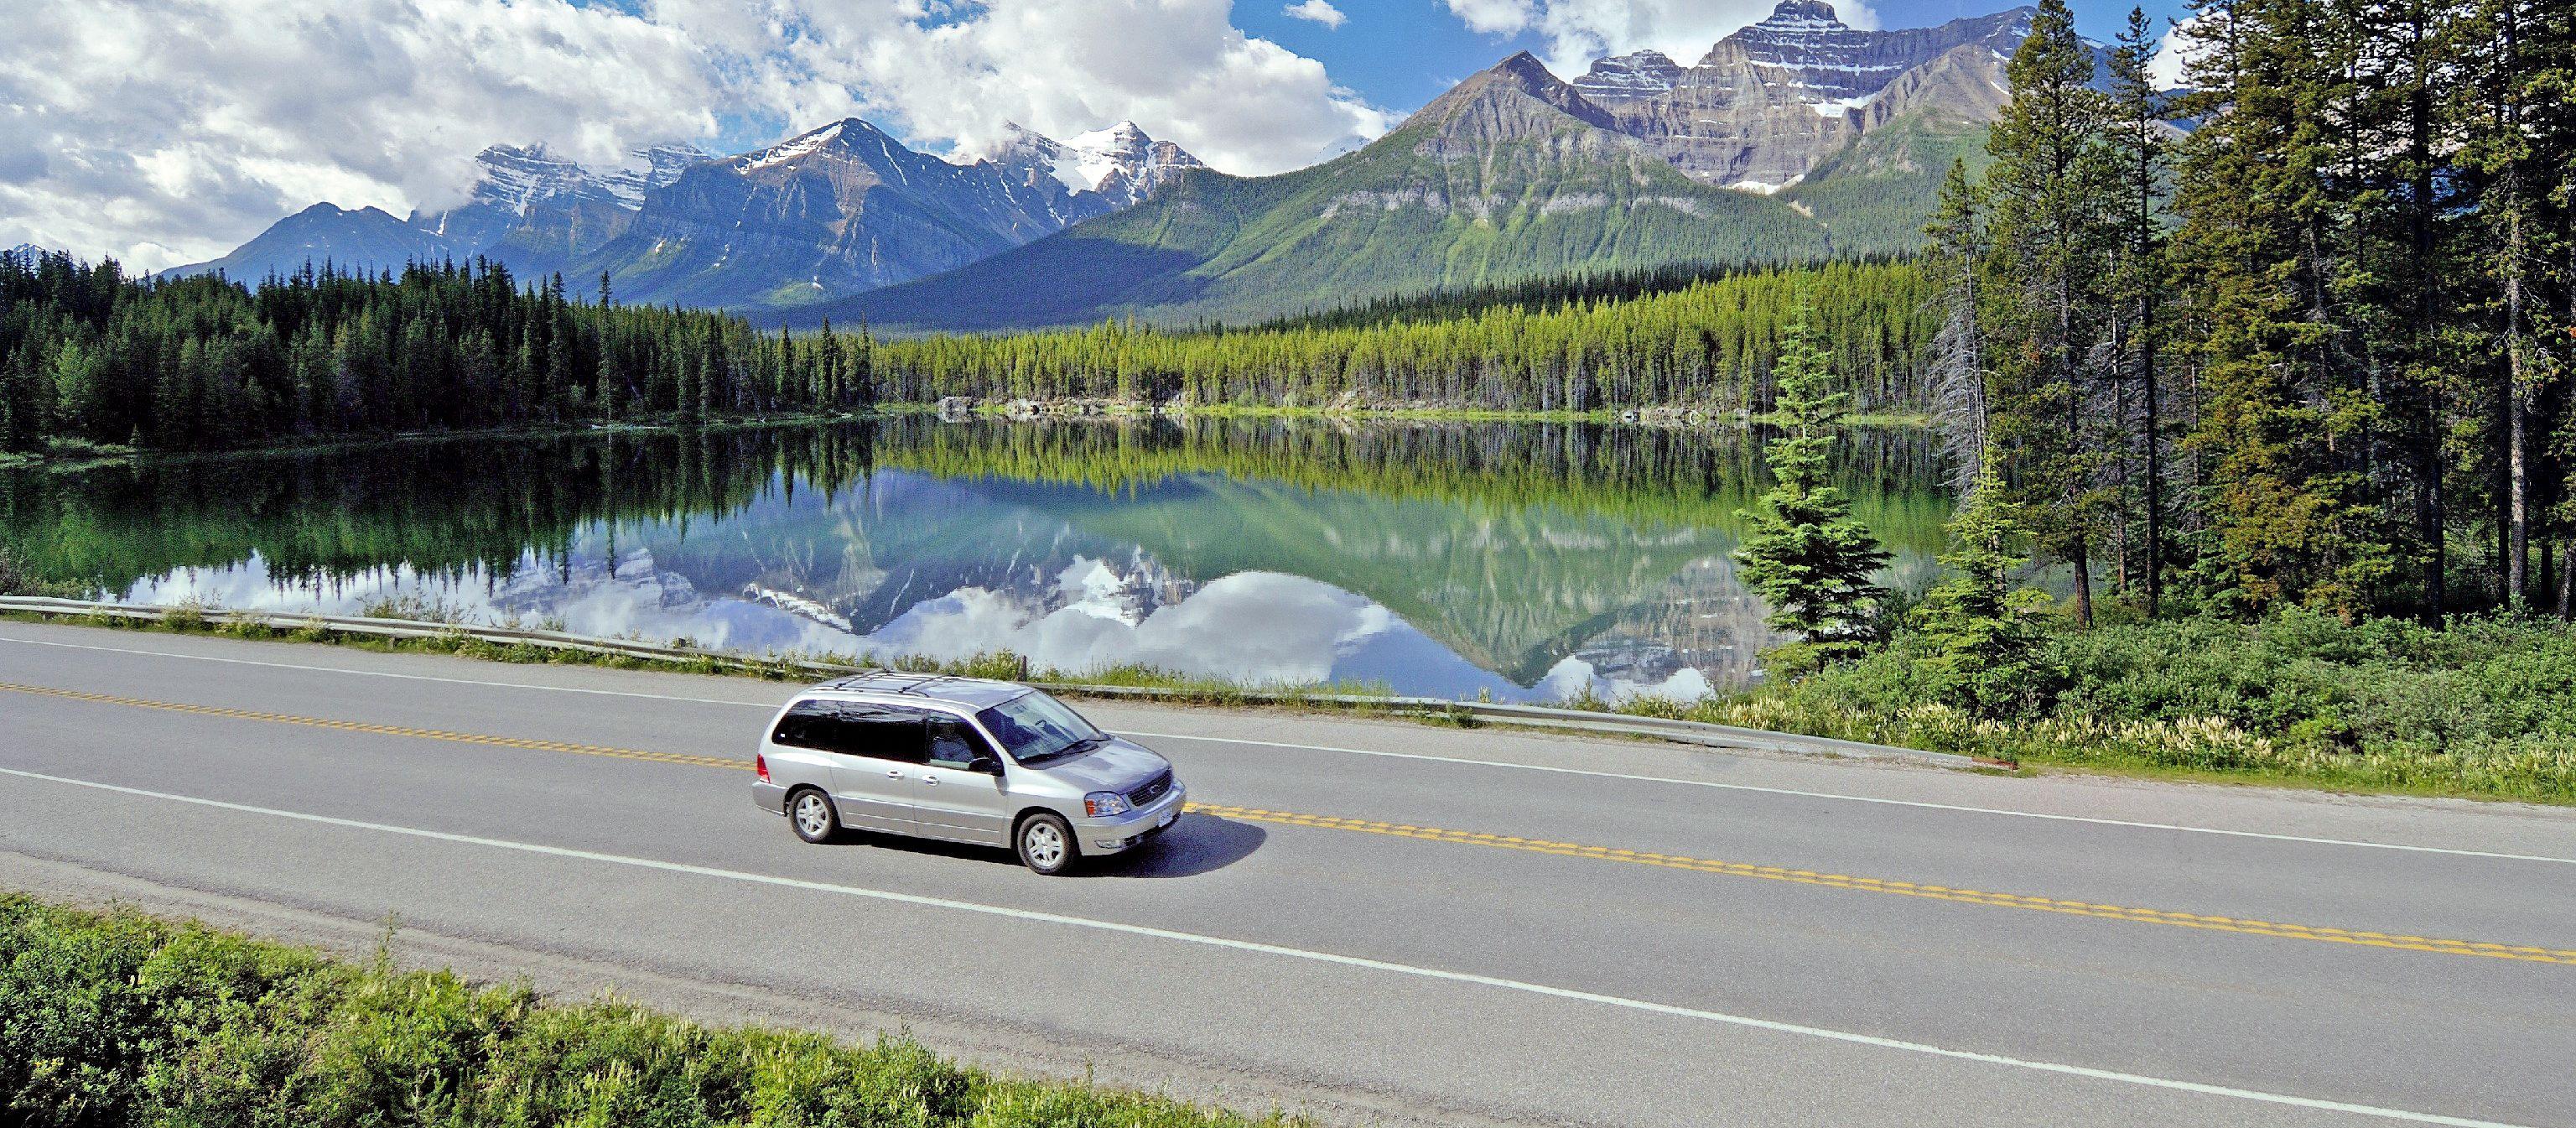 Auf Autotour in Banff